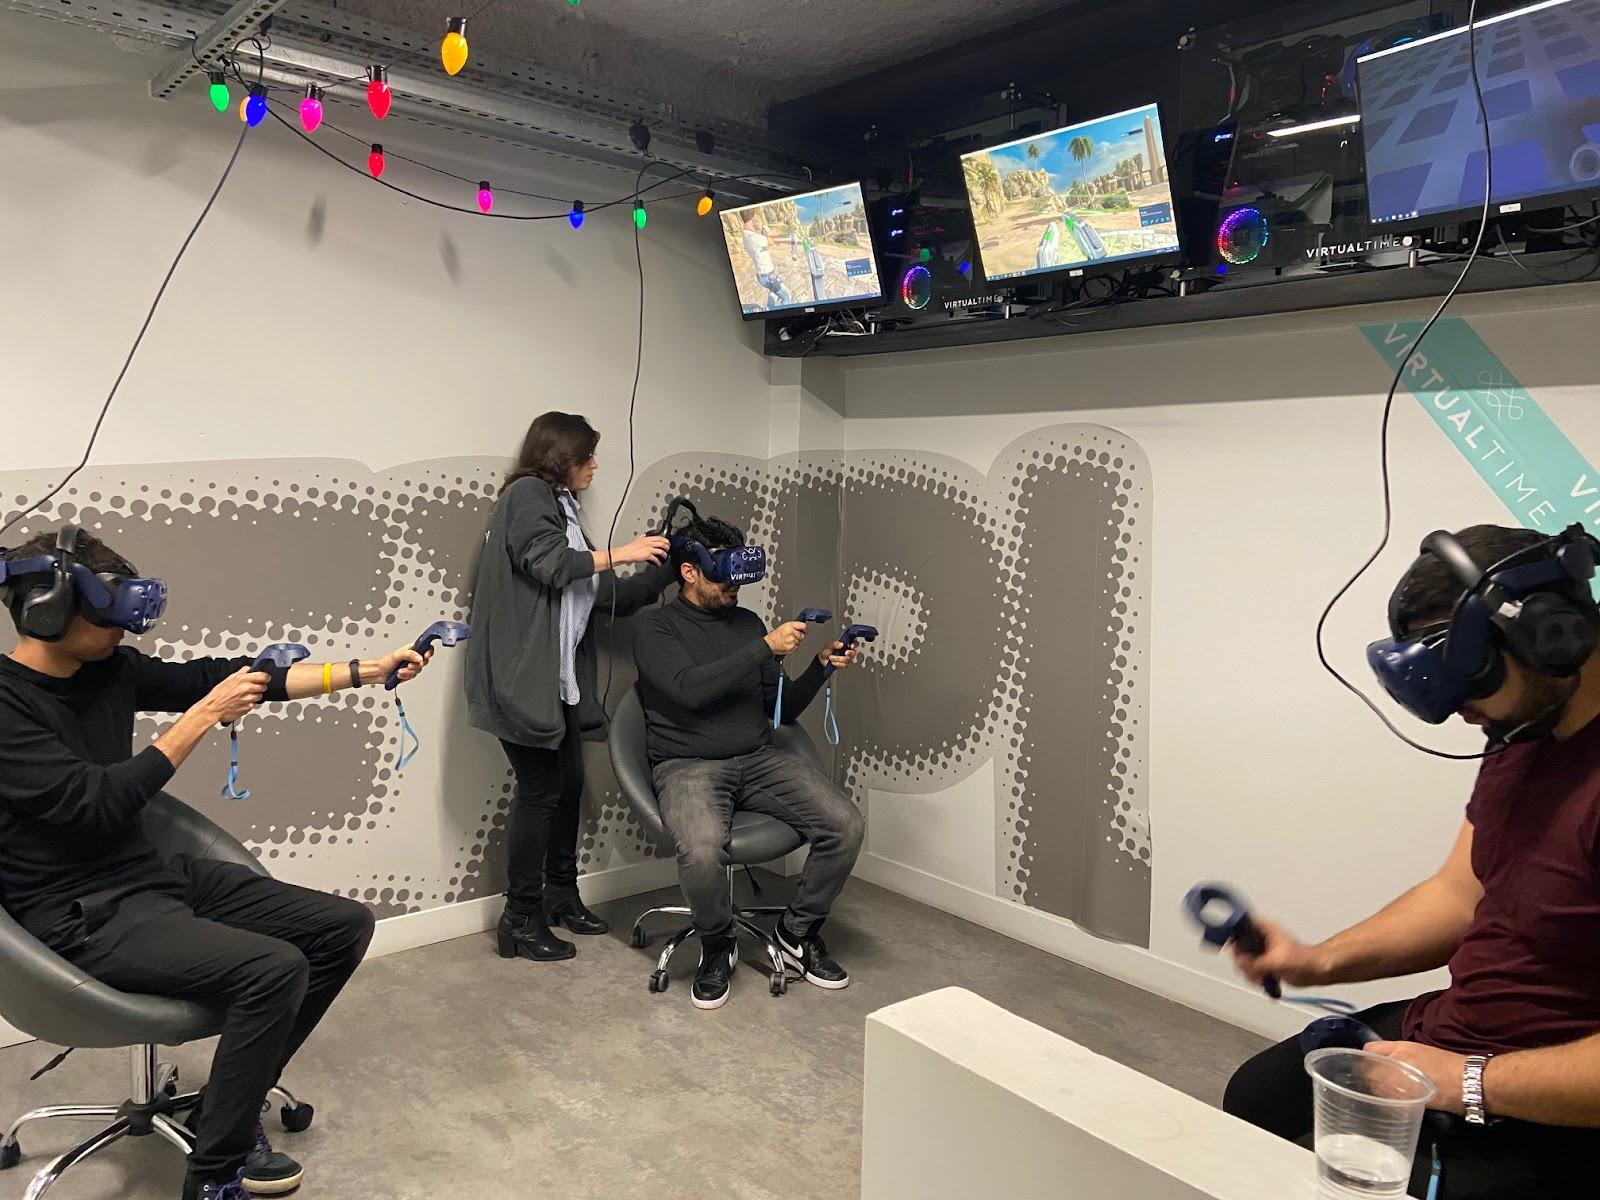 Mise en place d'un jeu VR pour trois joueurs